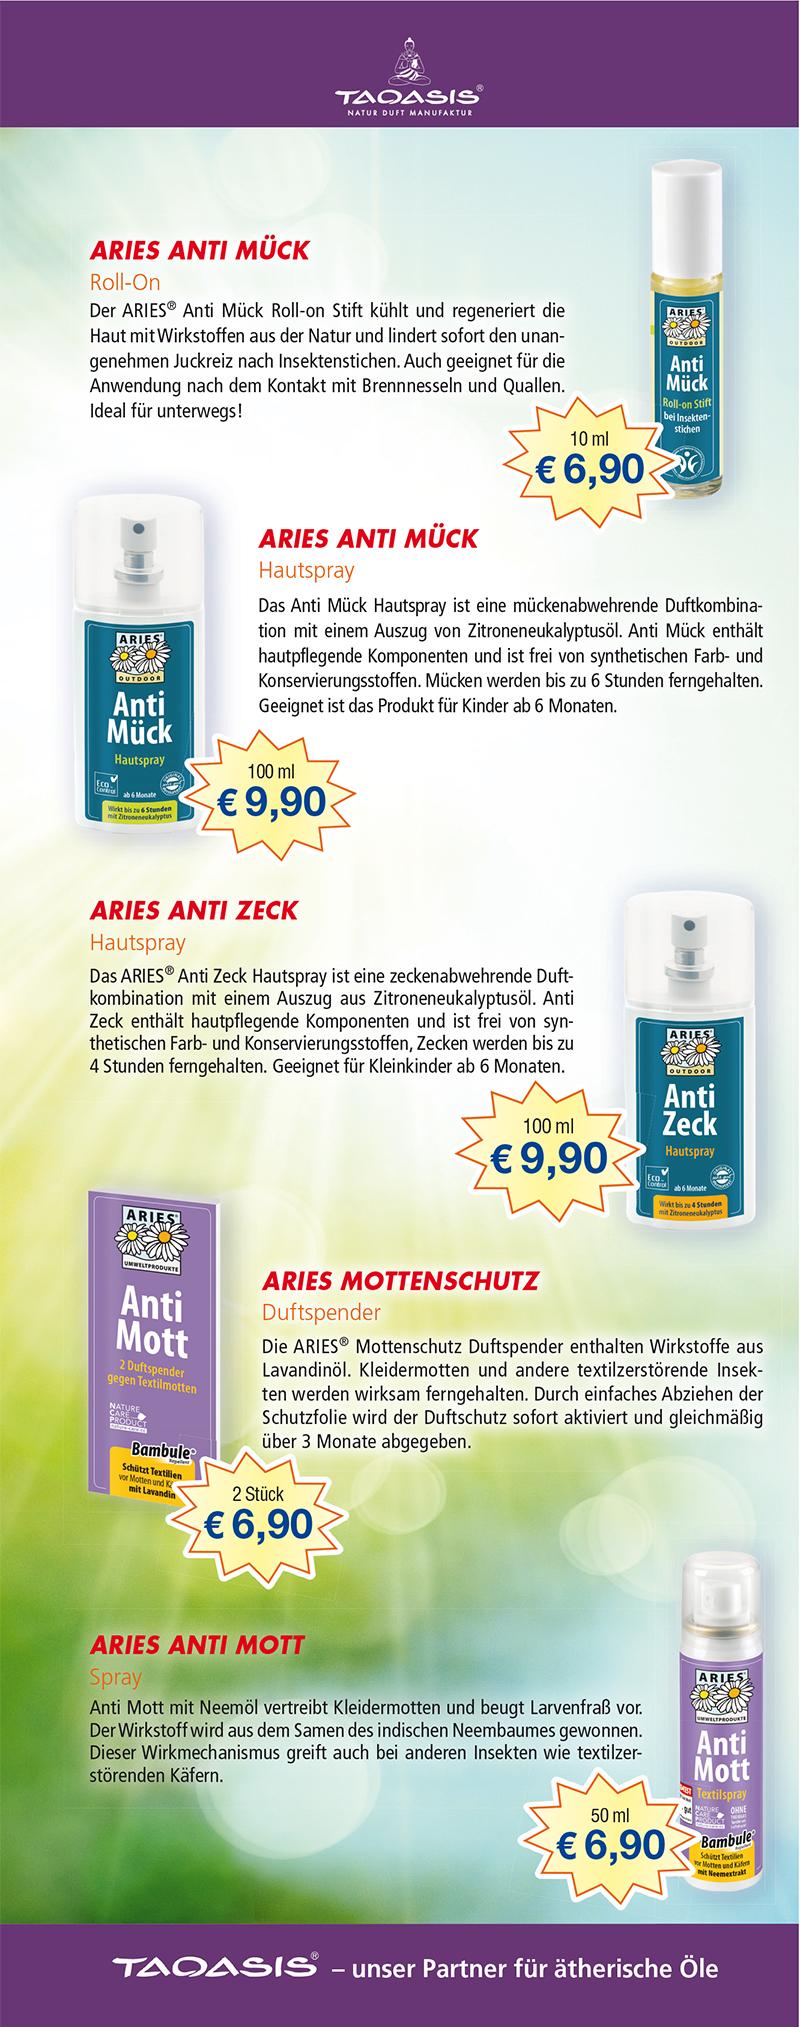 http://www.apotheken.de/fileadmin/clubarea/00000-Angebote/58762_stern_angebot_1.jpg